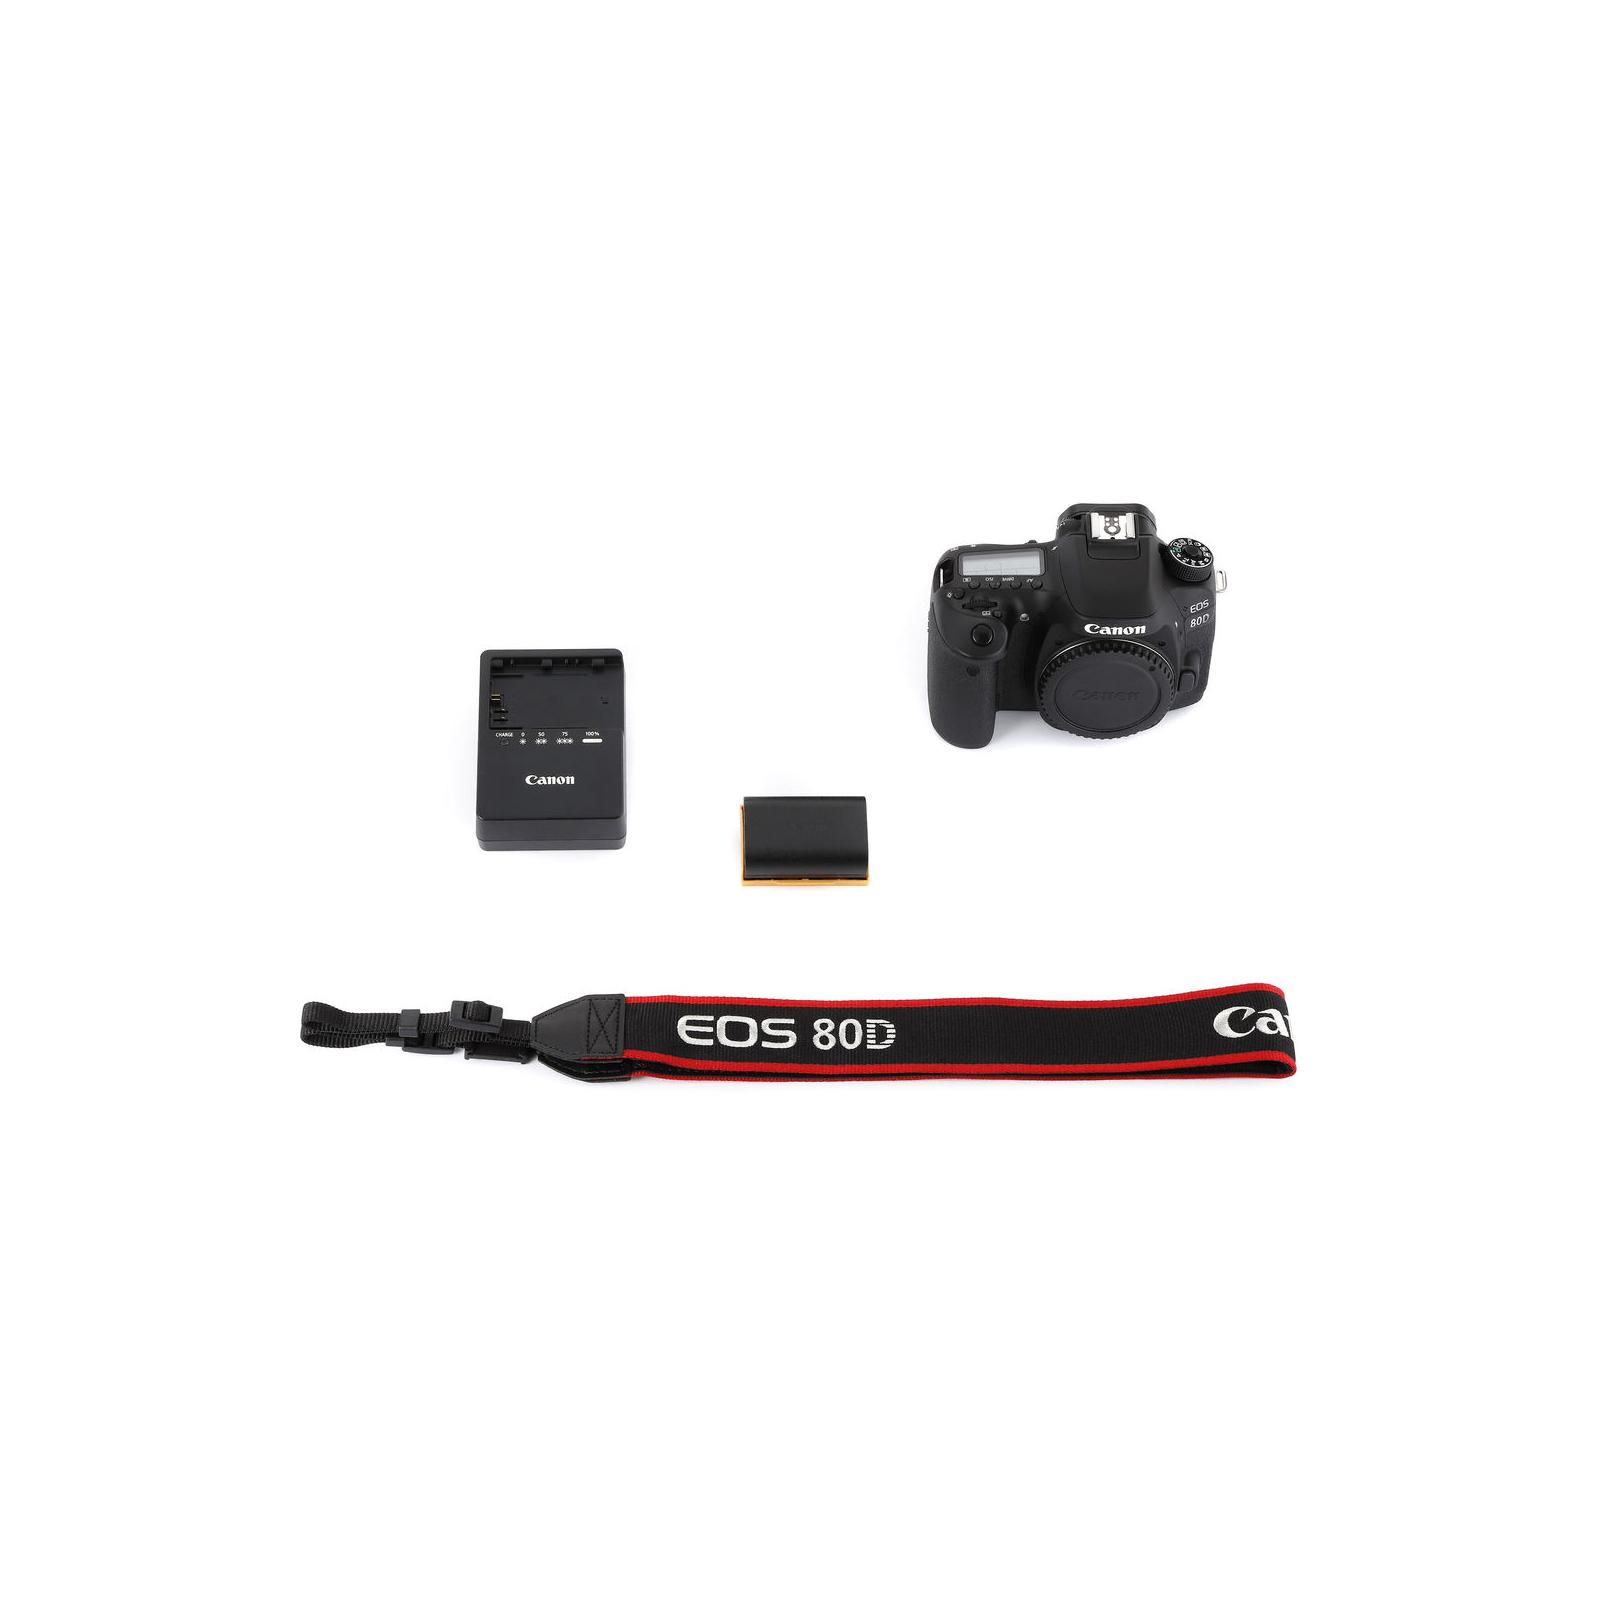 Цифровой фотоаппарат Canon EOS 80D Body (1263C031) изображение 9